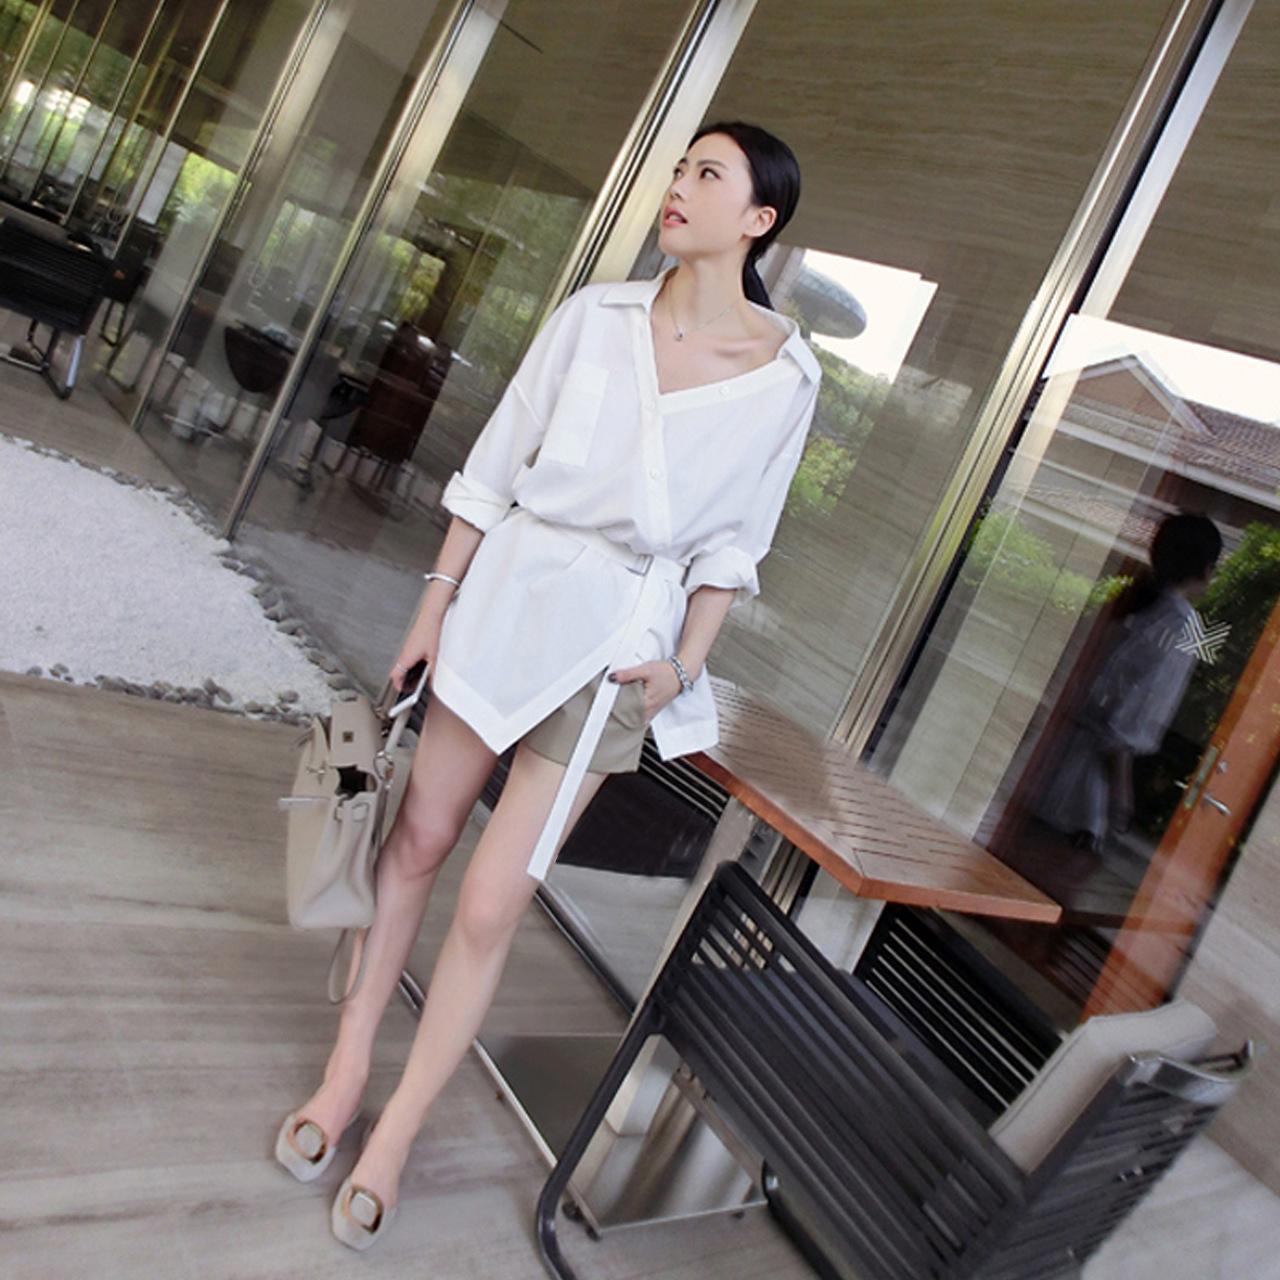 秋款女装2020新款明星同款套装裤露肩连衣裙白色时尚中长款衬衣潮